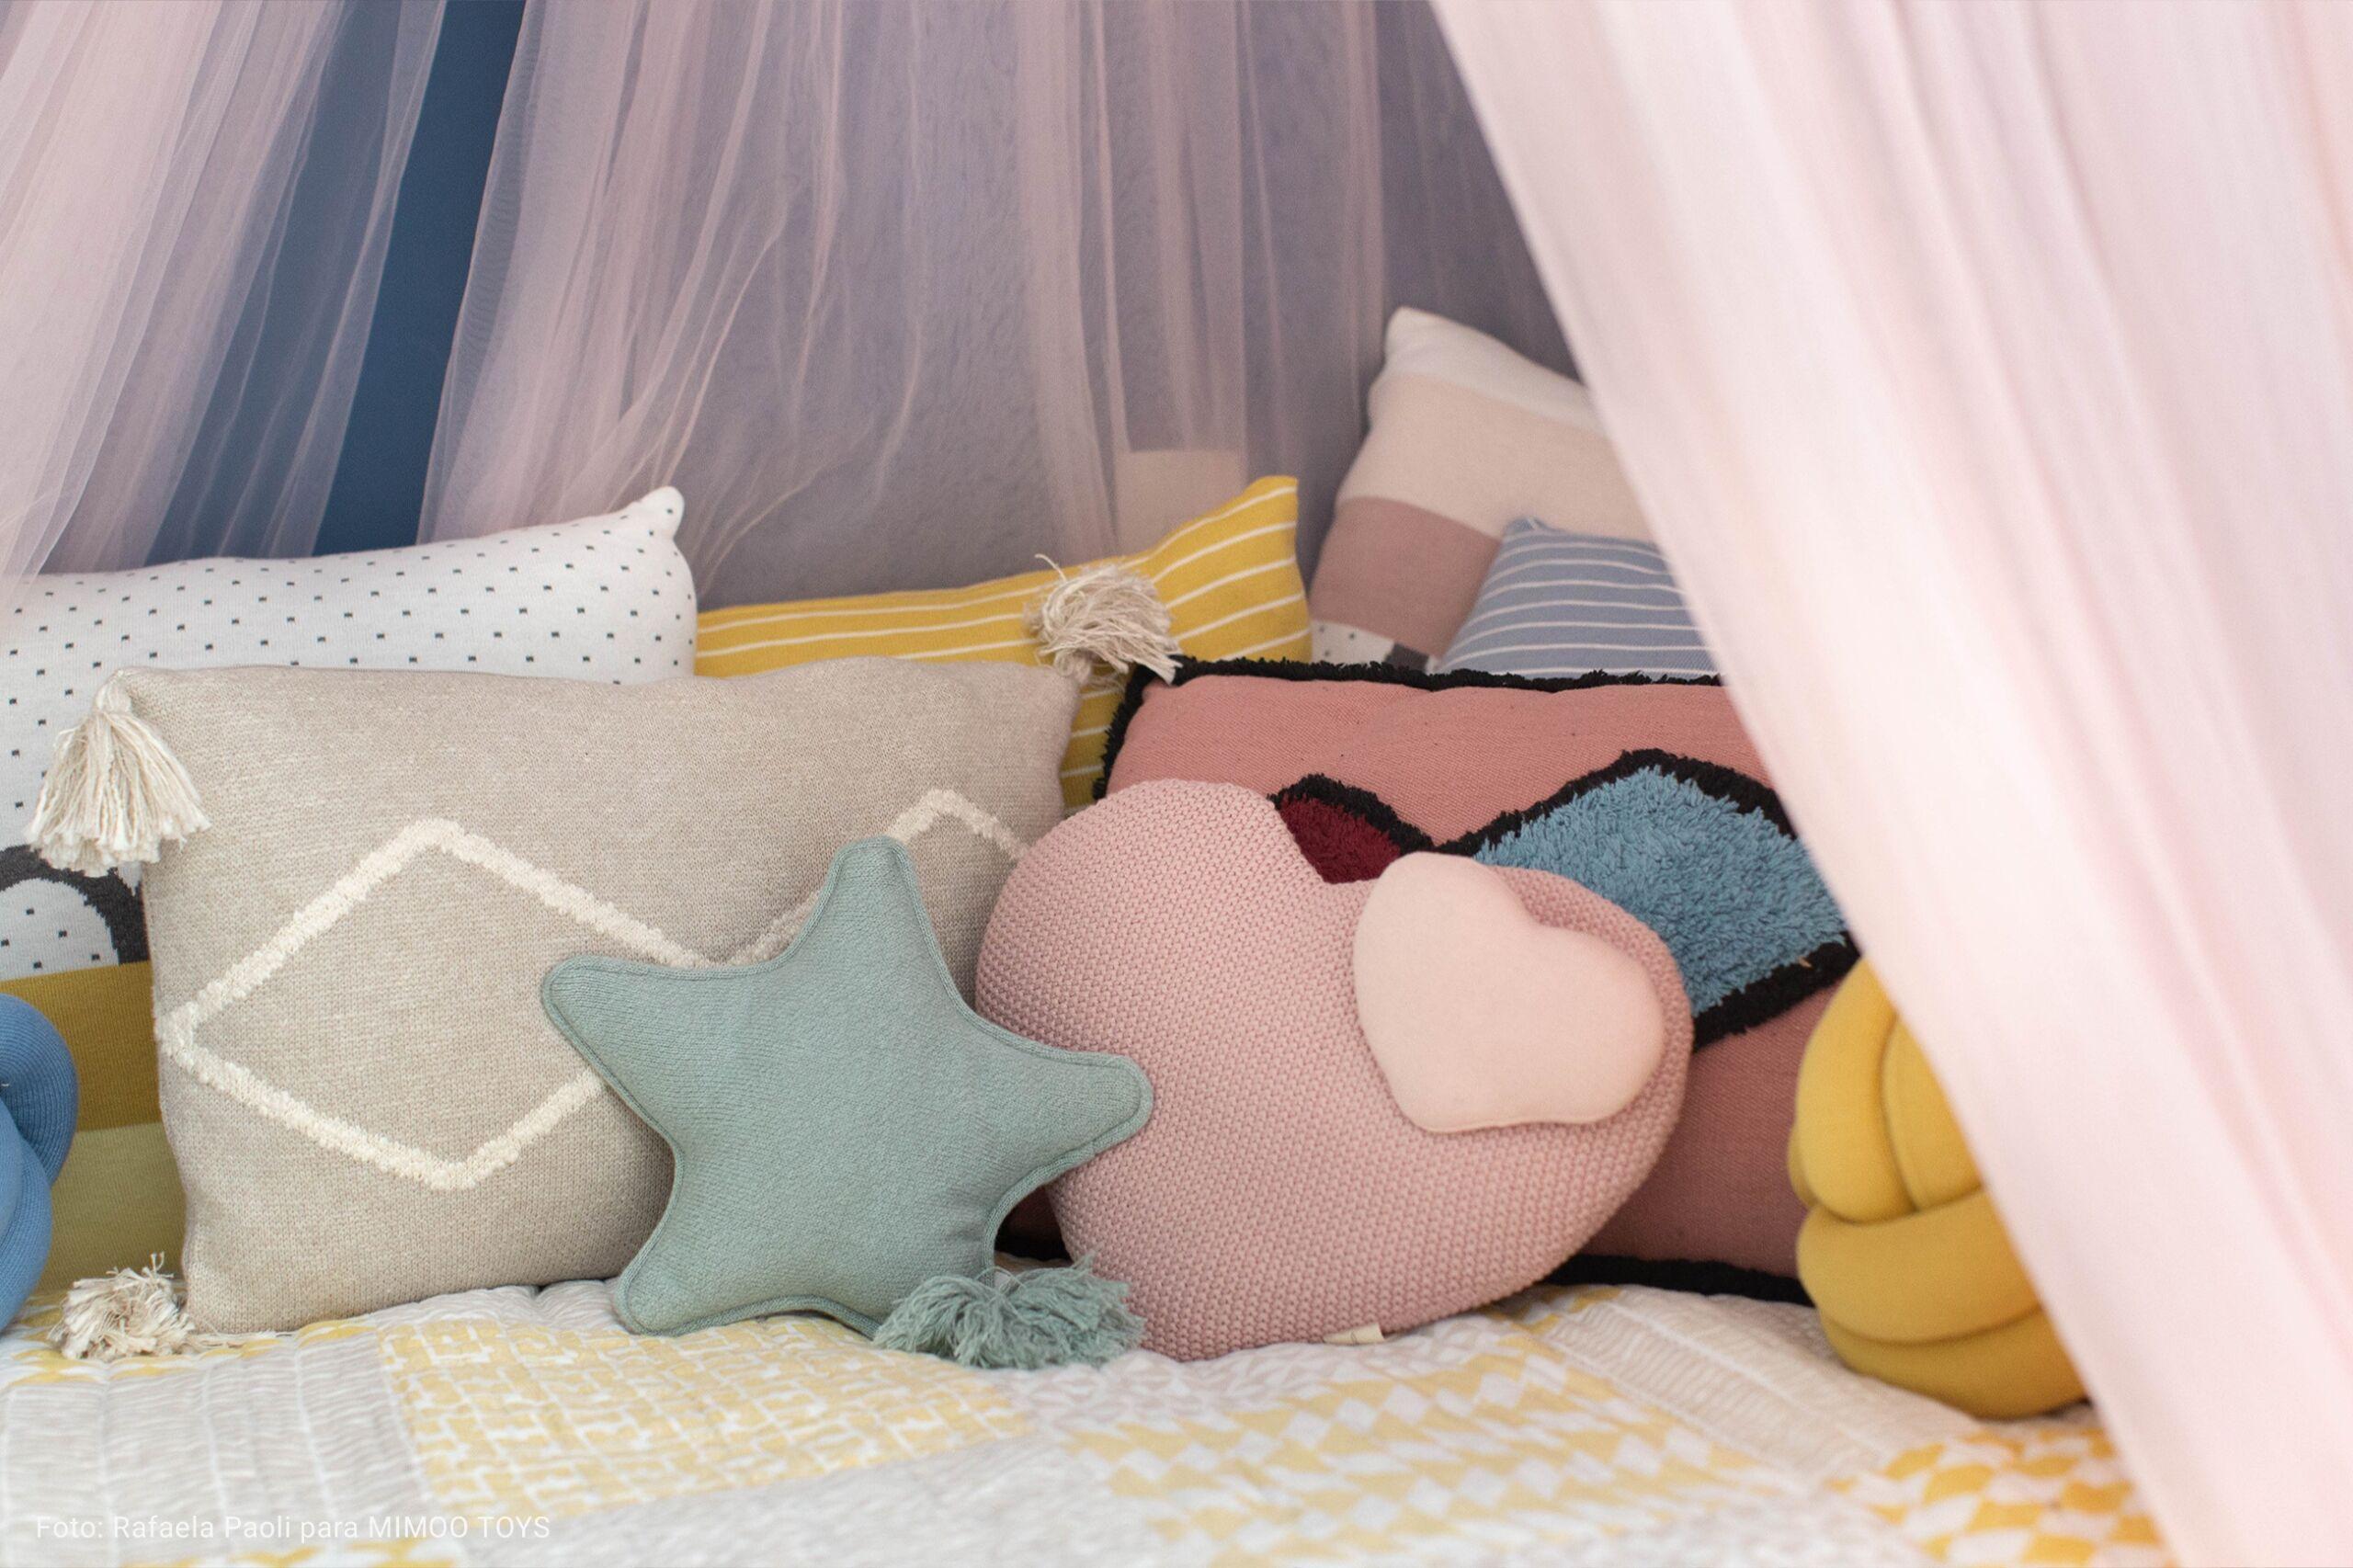 detalhe de cama infantil com colcha de retalhos